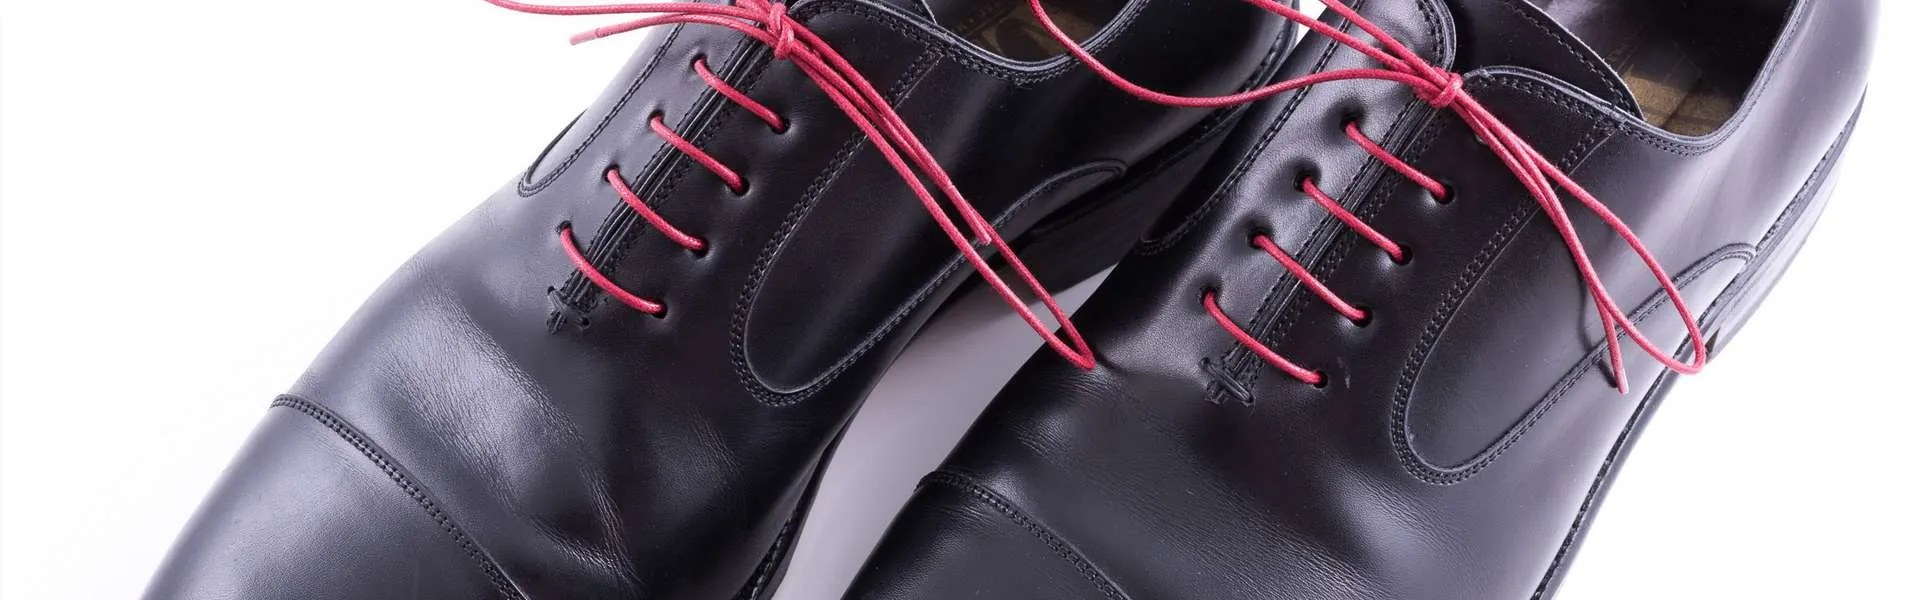 Cordones zapatos